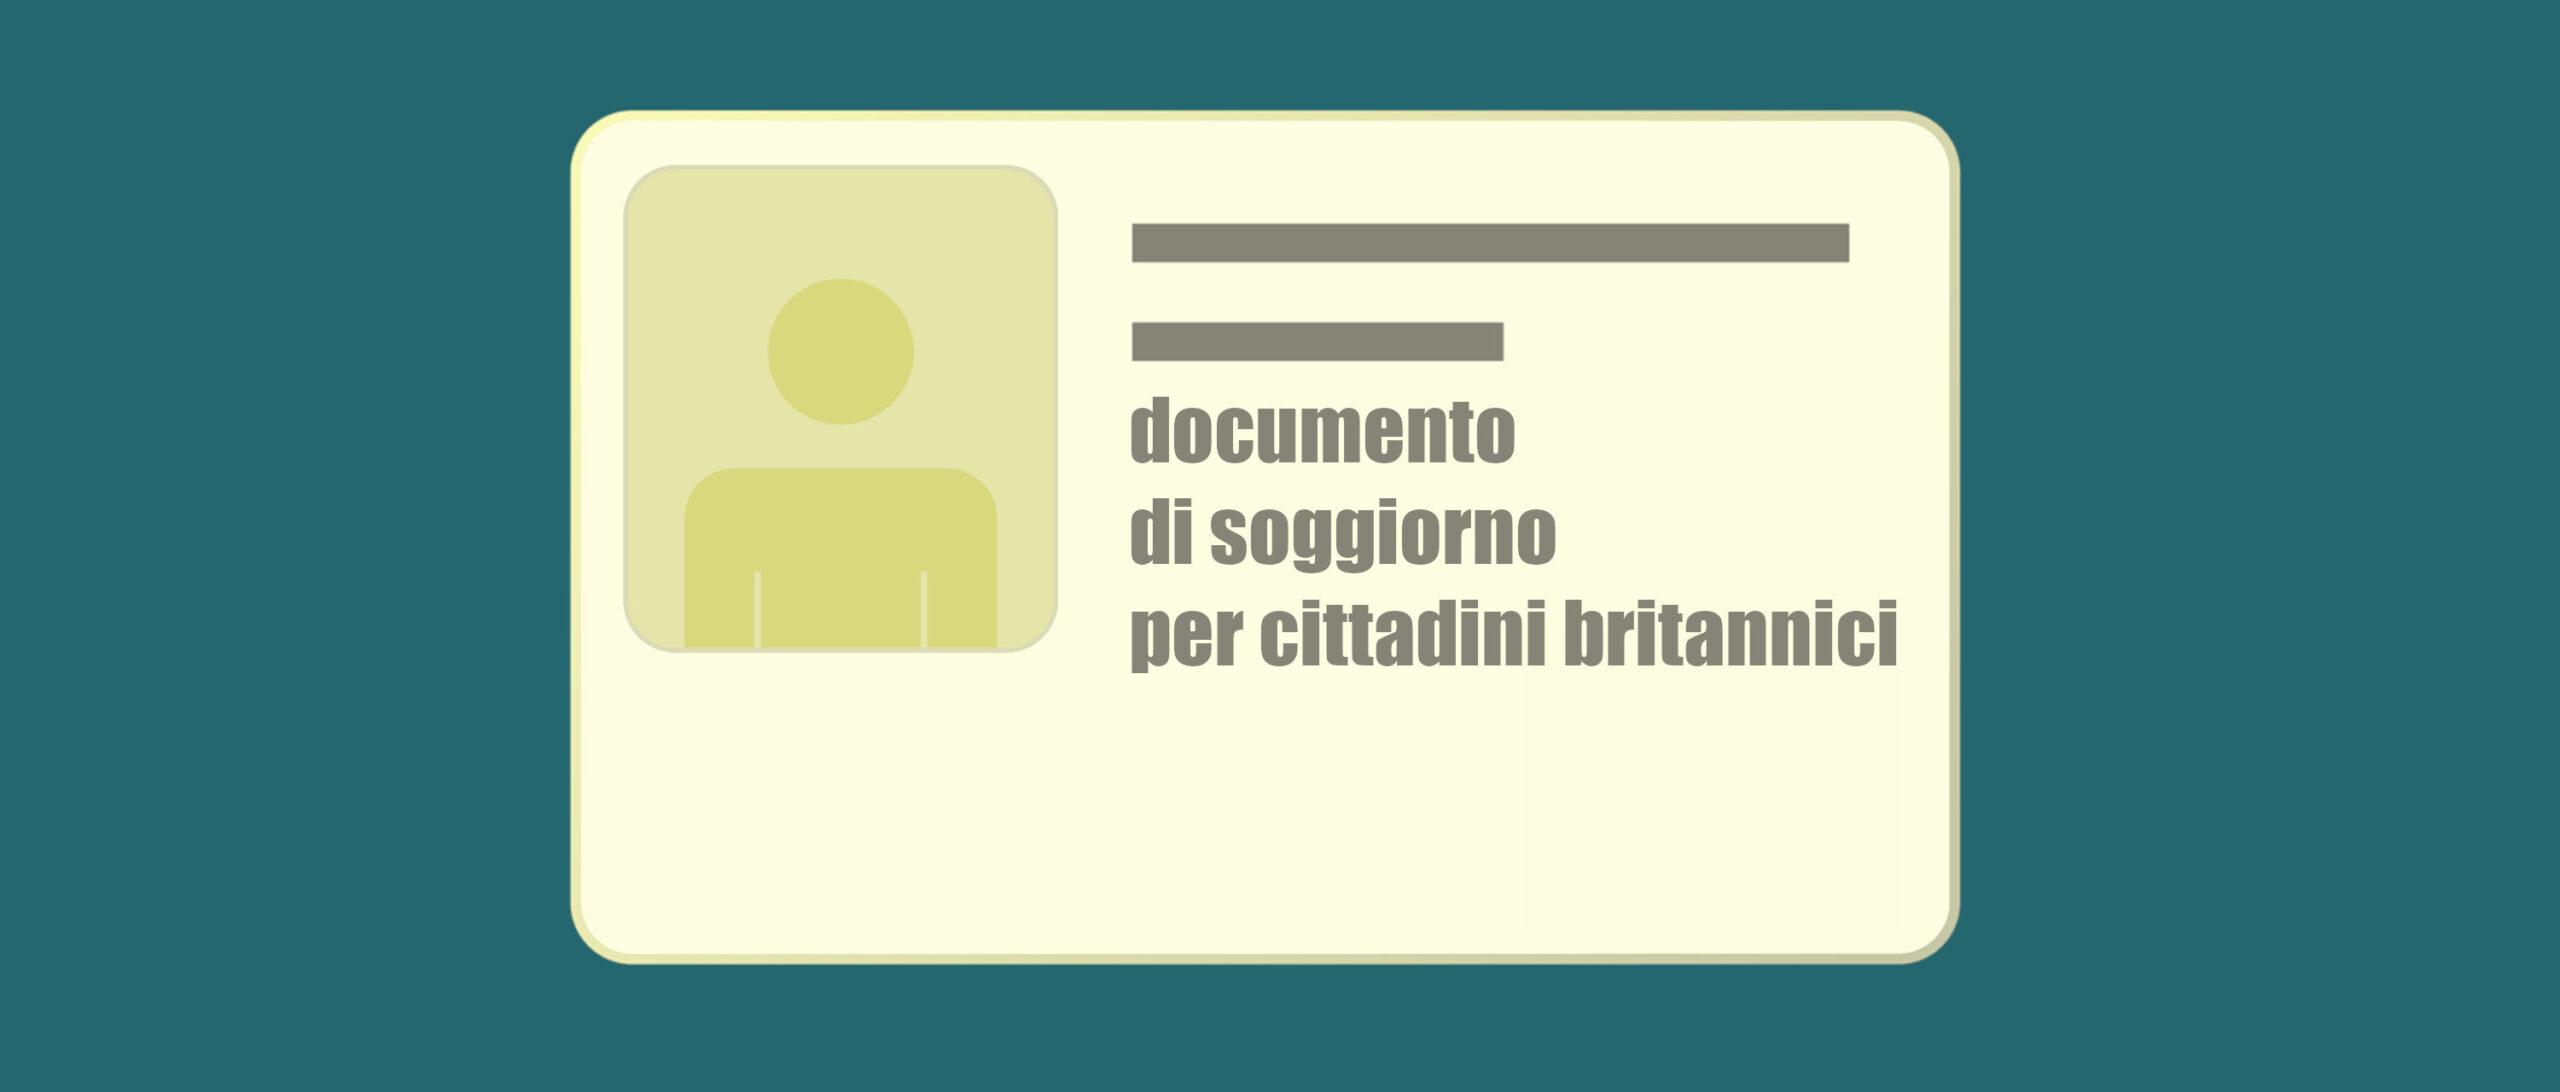 Cittadini britannici residenti in Italia: come richiedere il documento di soggiorno elettronico